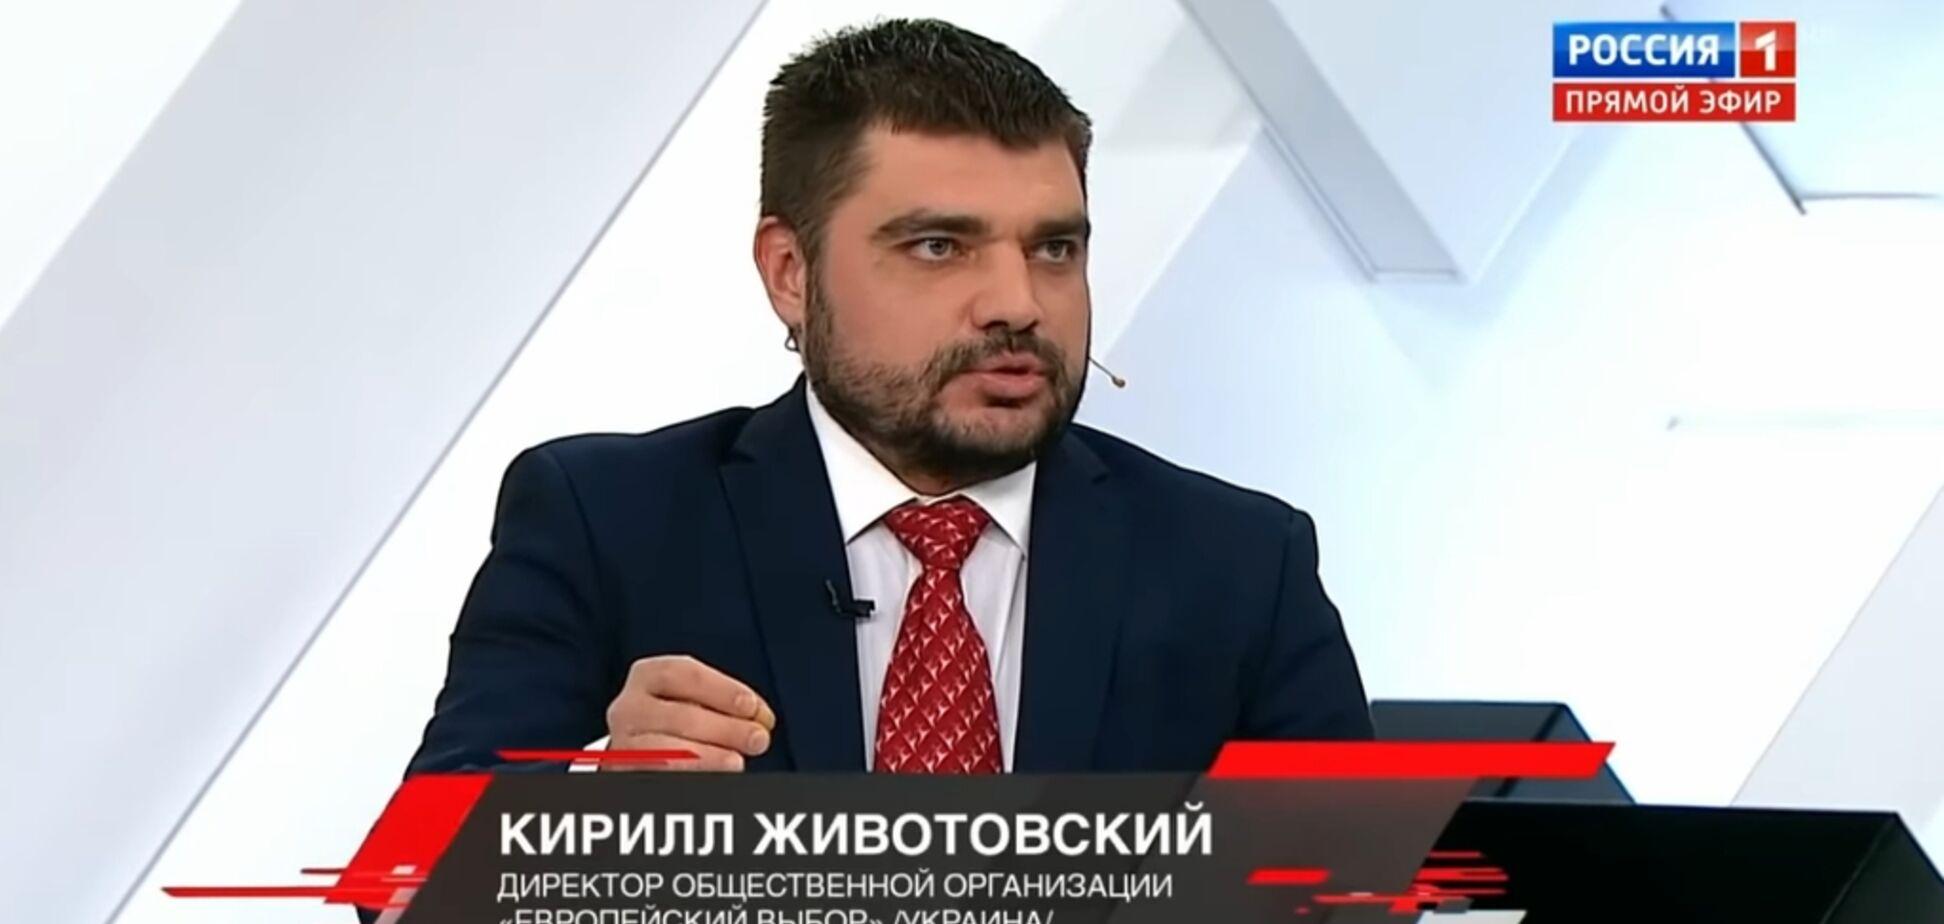 'Третій раз продати': пропагандисти вигнали українського експерта за жарт про євреїв. Відео